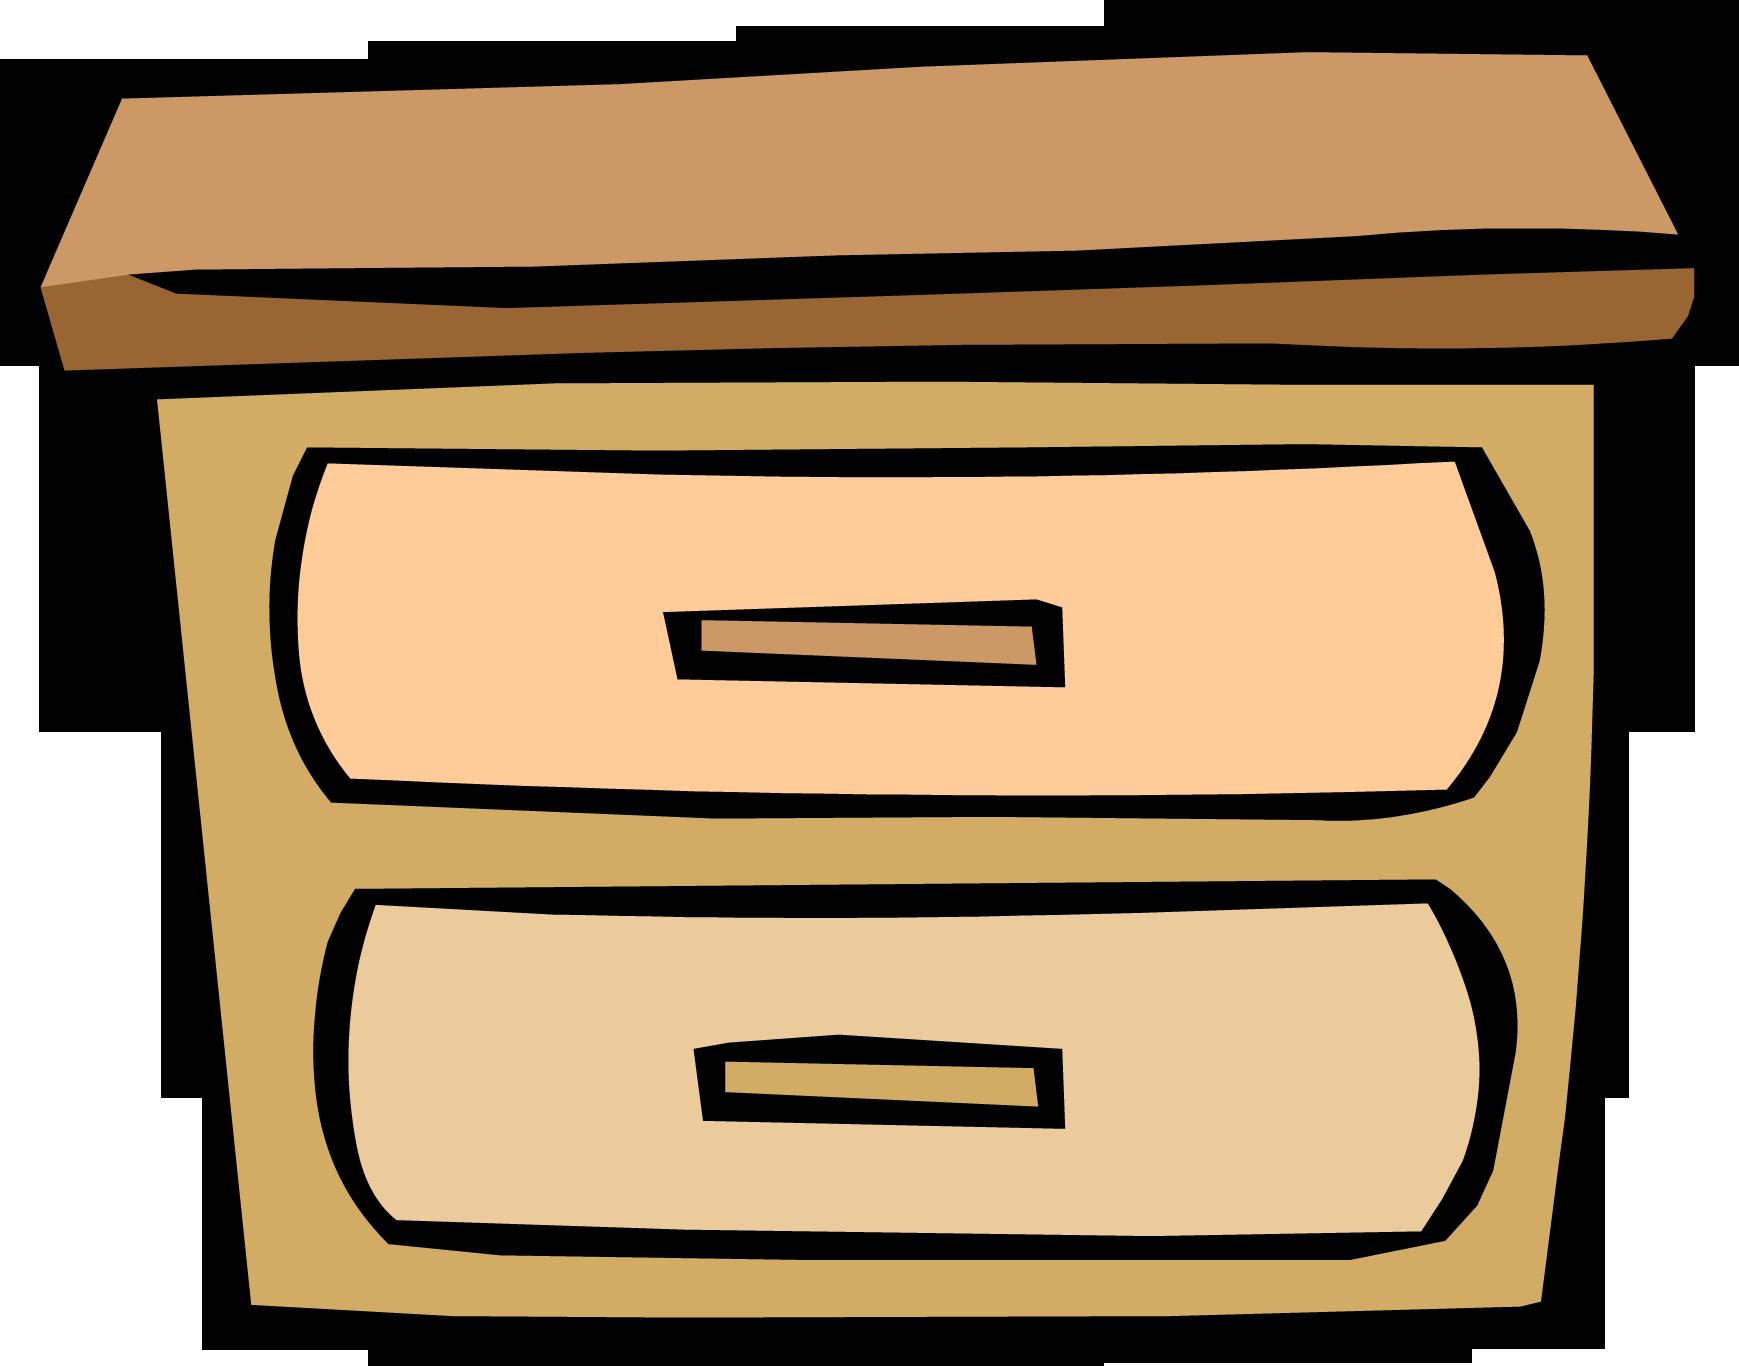 Log Drawers Club Penguin Wiki Fandom Powered By Wikia